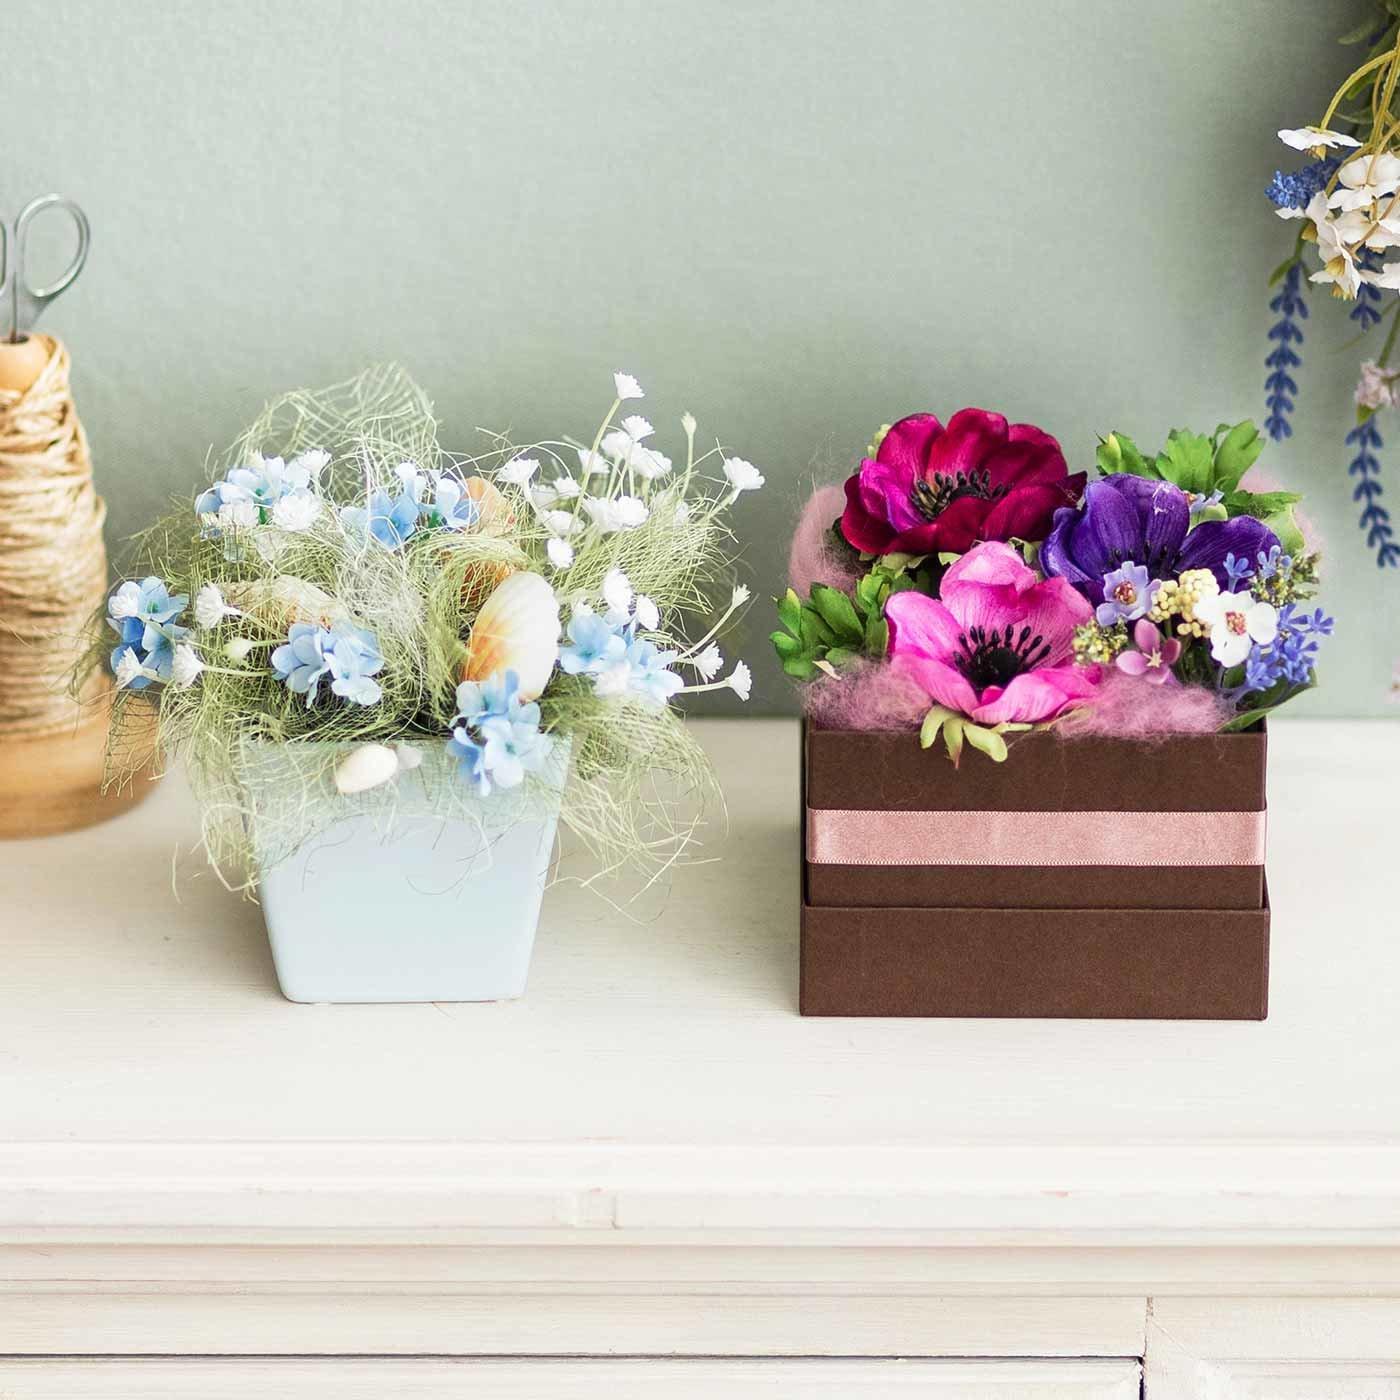 花のある生活を楽しむ 季節のフラワーアレンジメント